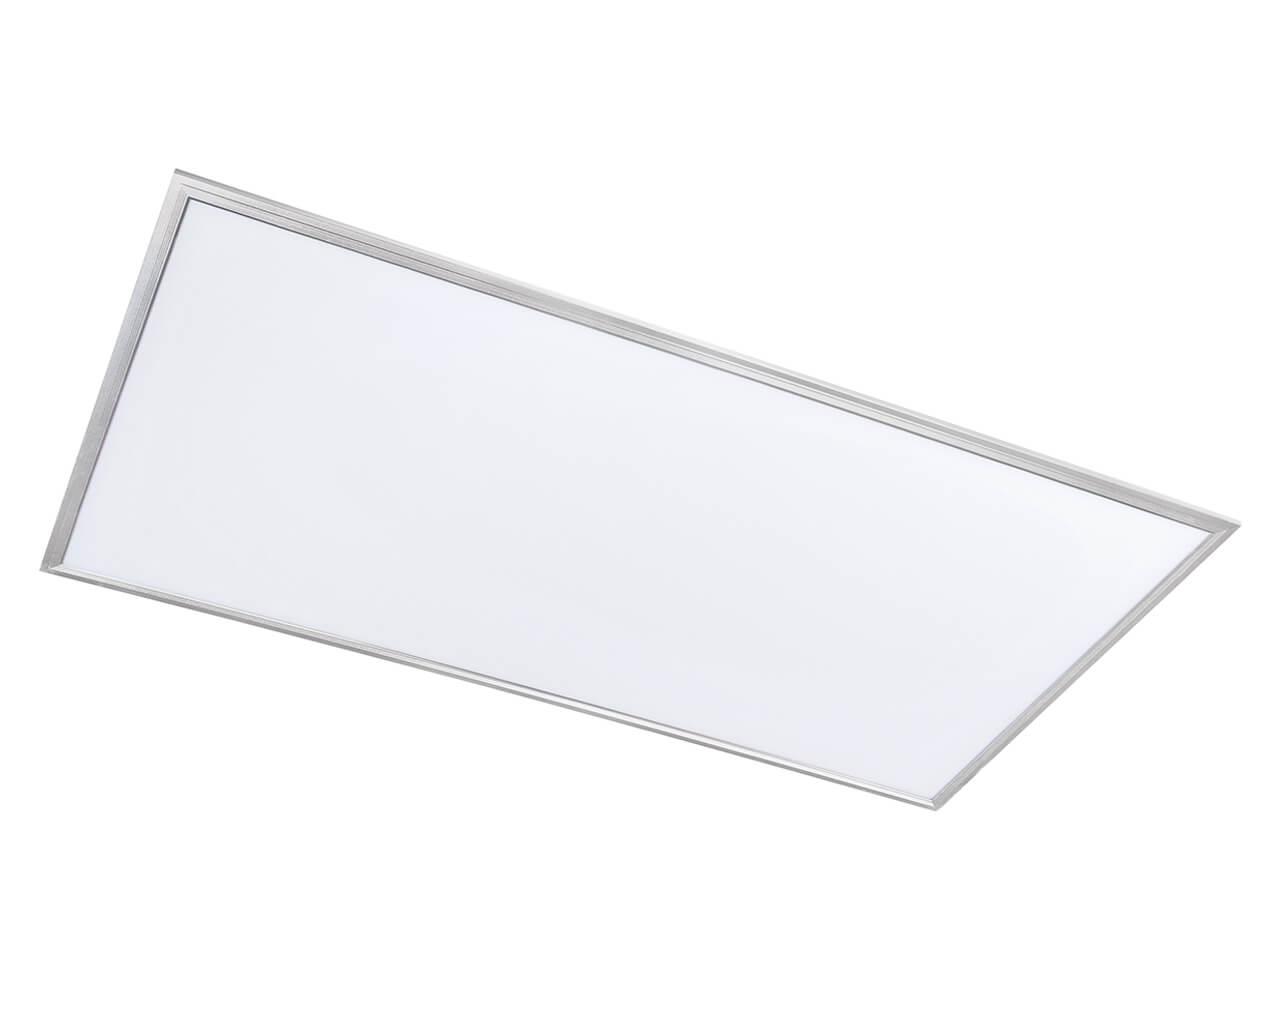 Светодиодная панель Ledcraft LC-PN-12060-76W 1200x600 76W Cерый